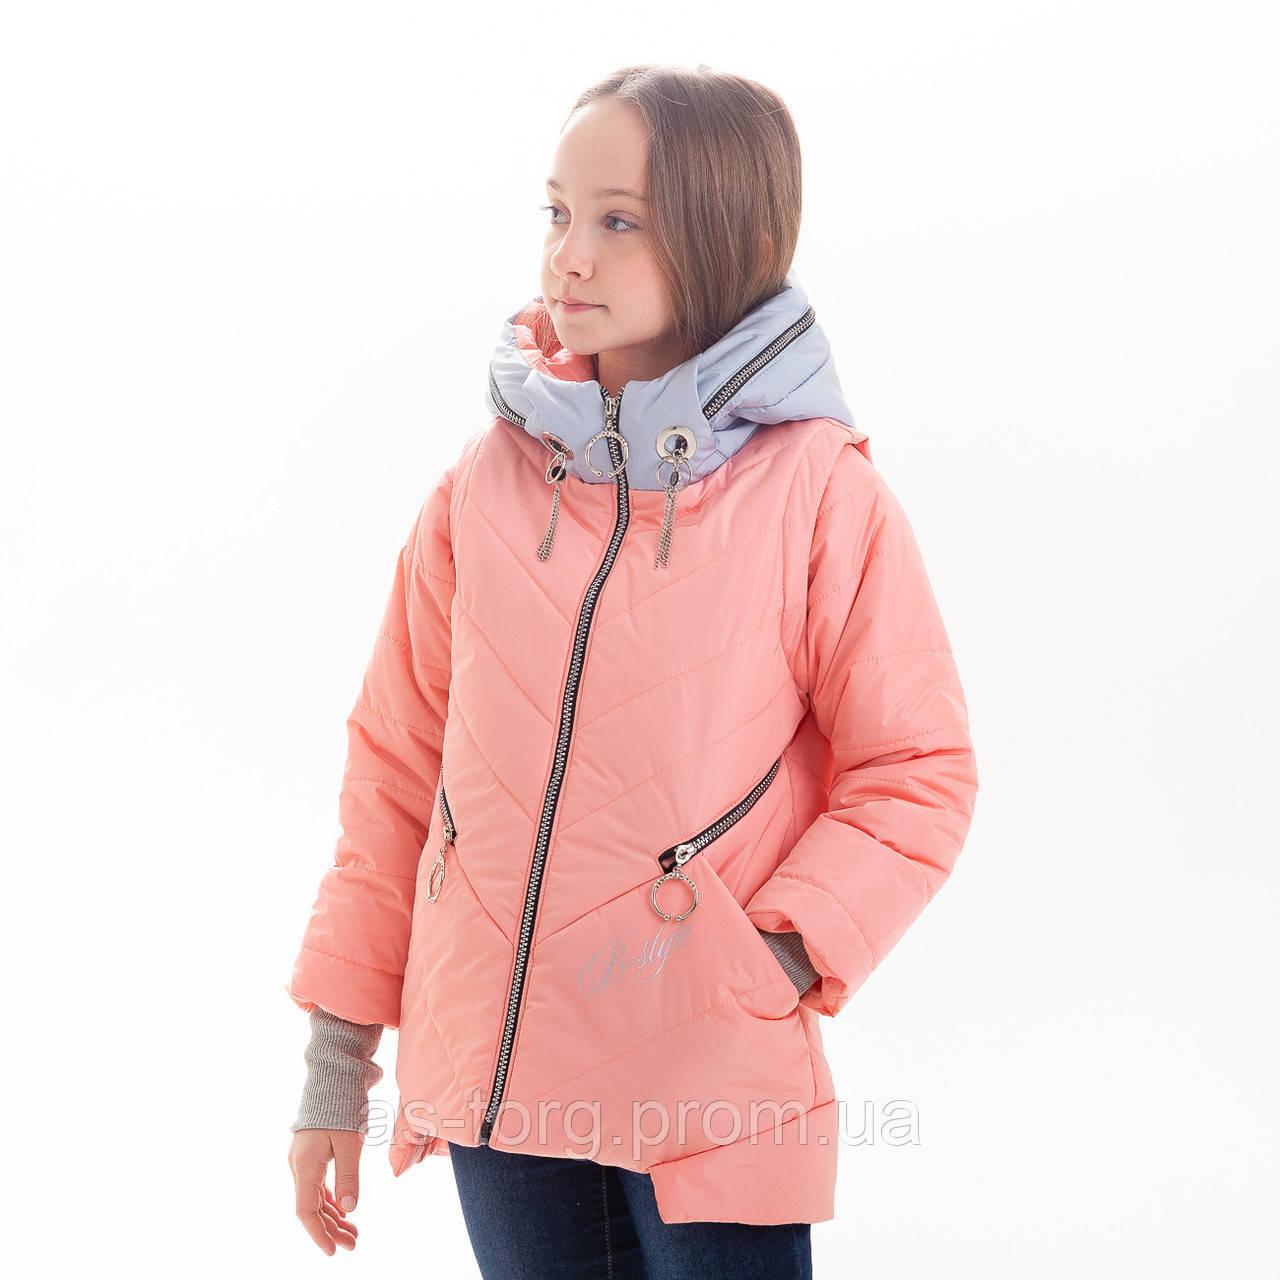 Куртка демисезонная для девочки «Баластиль»